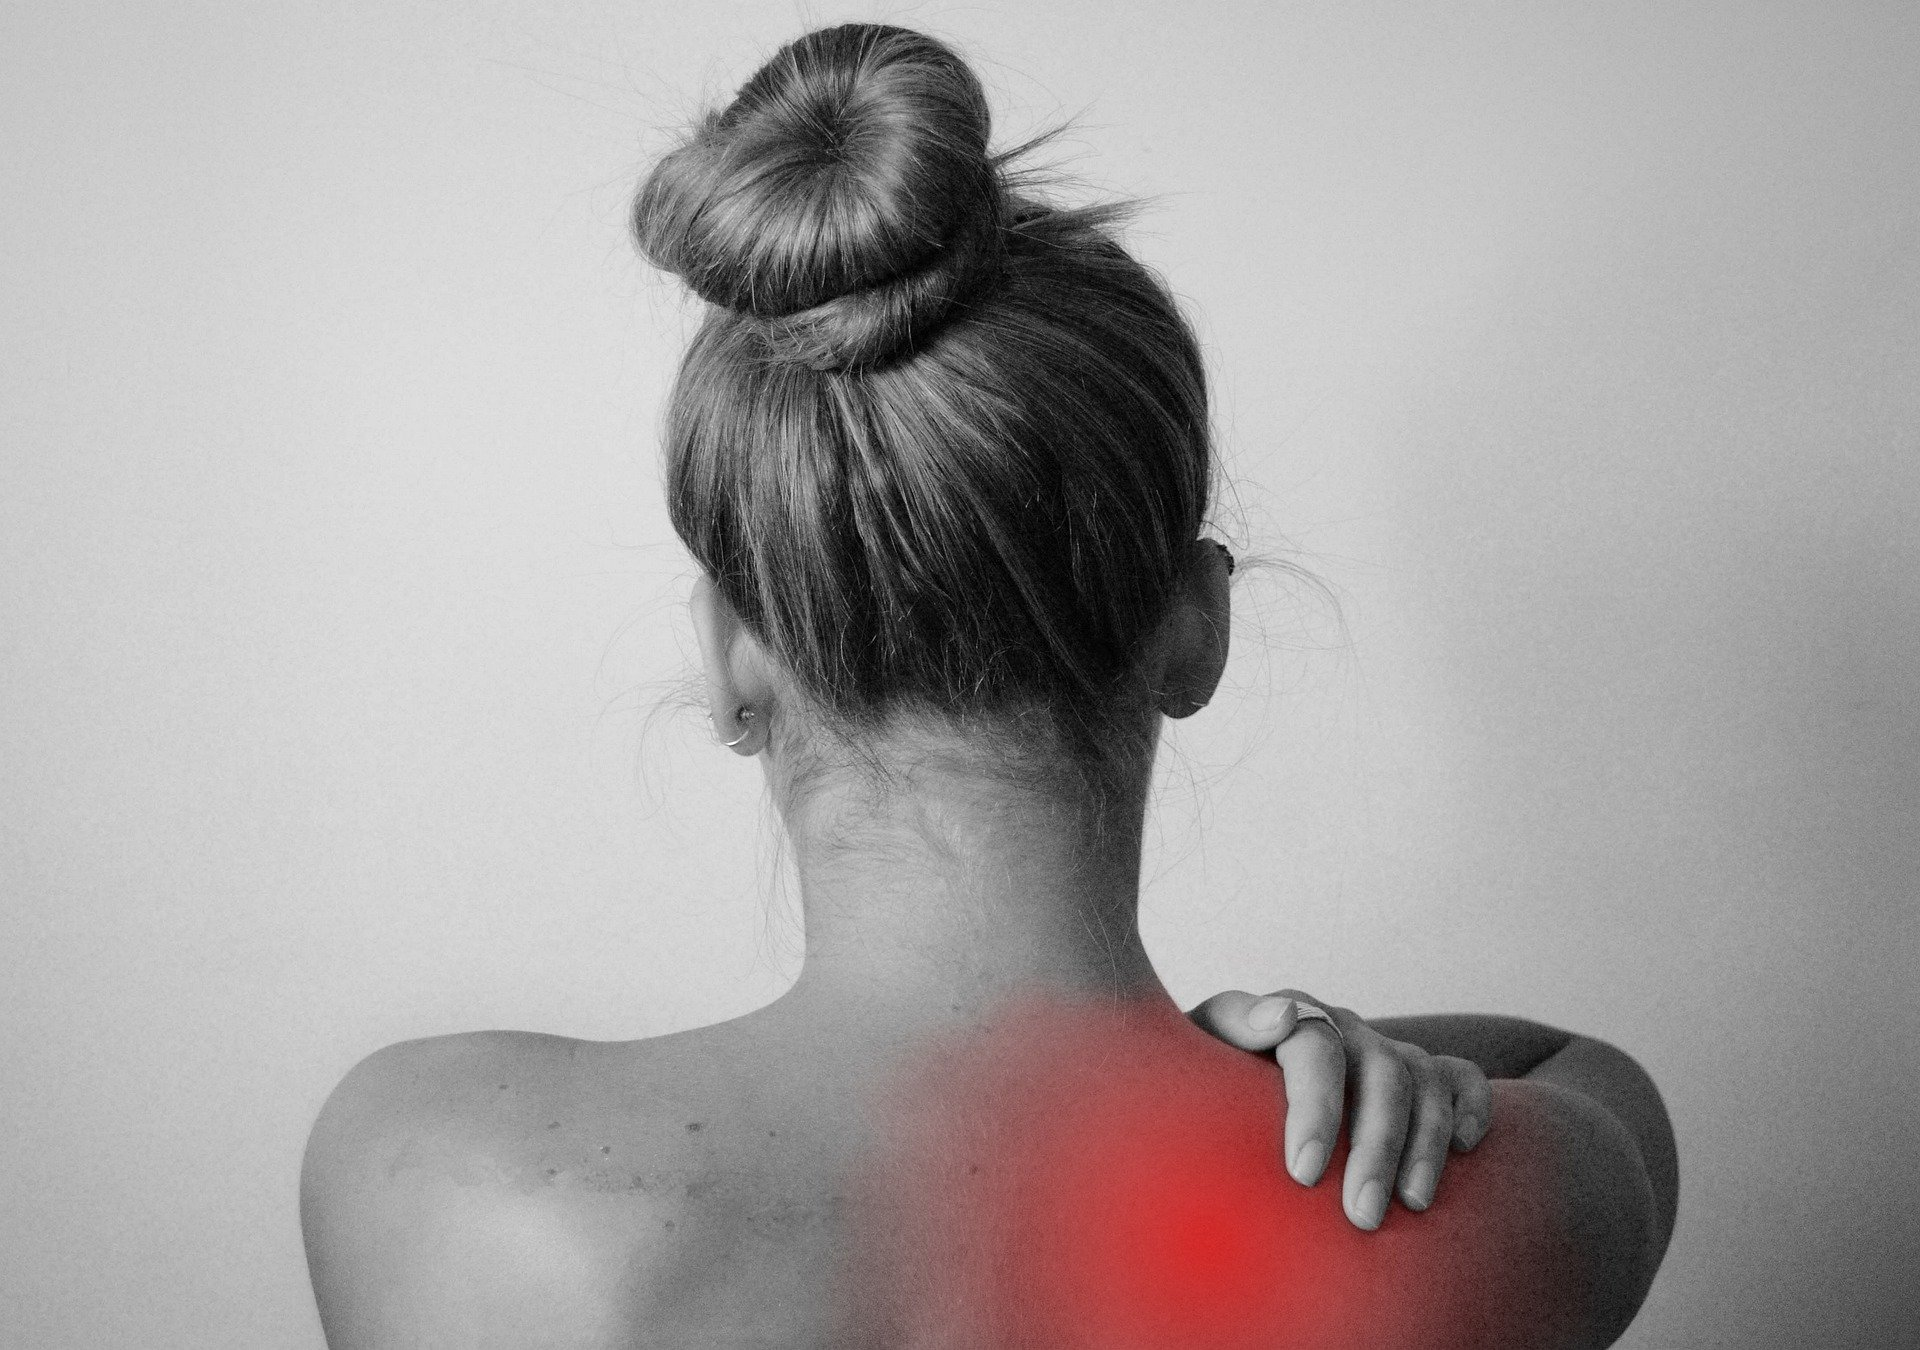 intensificarea durerilor de umăr